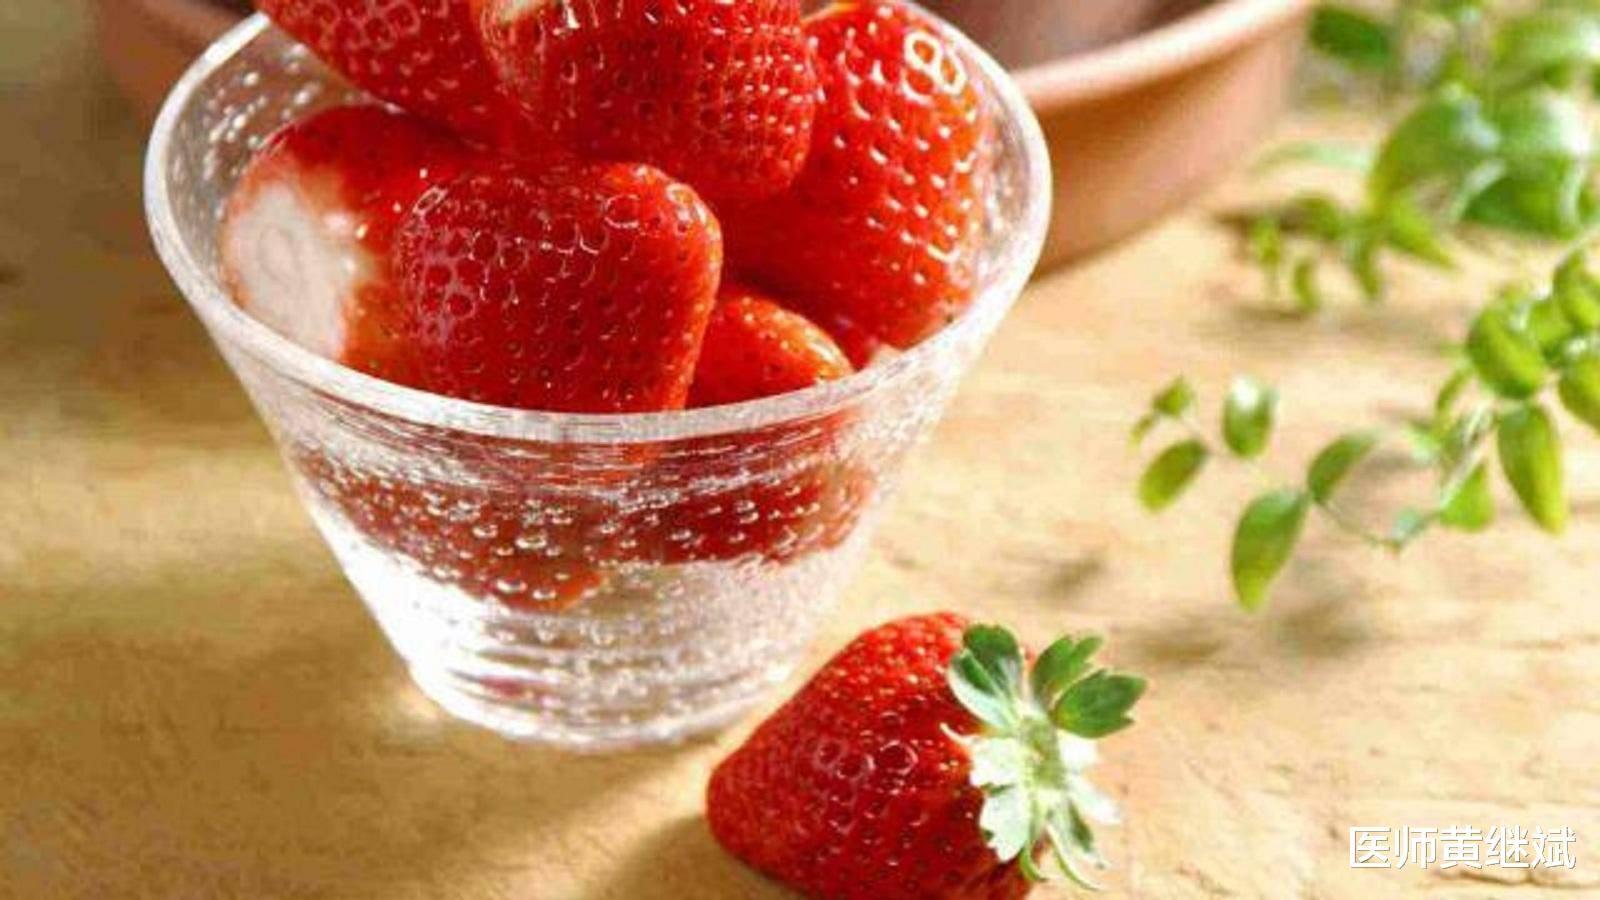 原创健康又营养的美白方法,除了生吃西红柿,吃什么美白效果好?